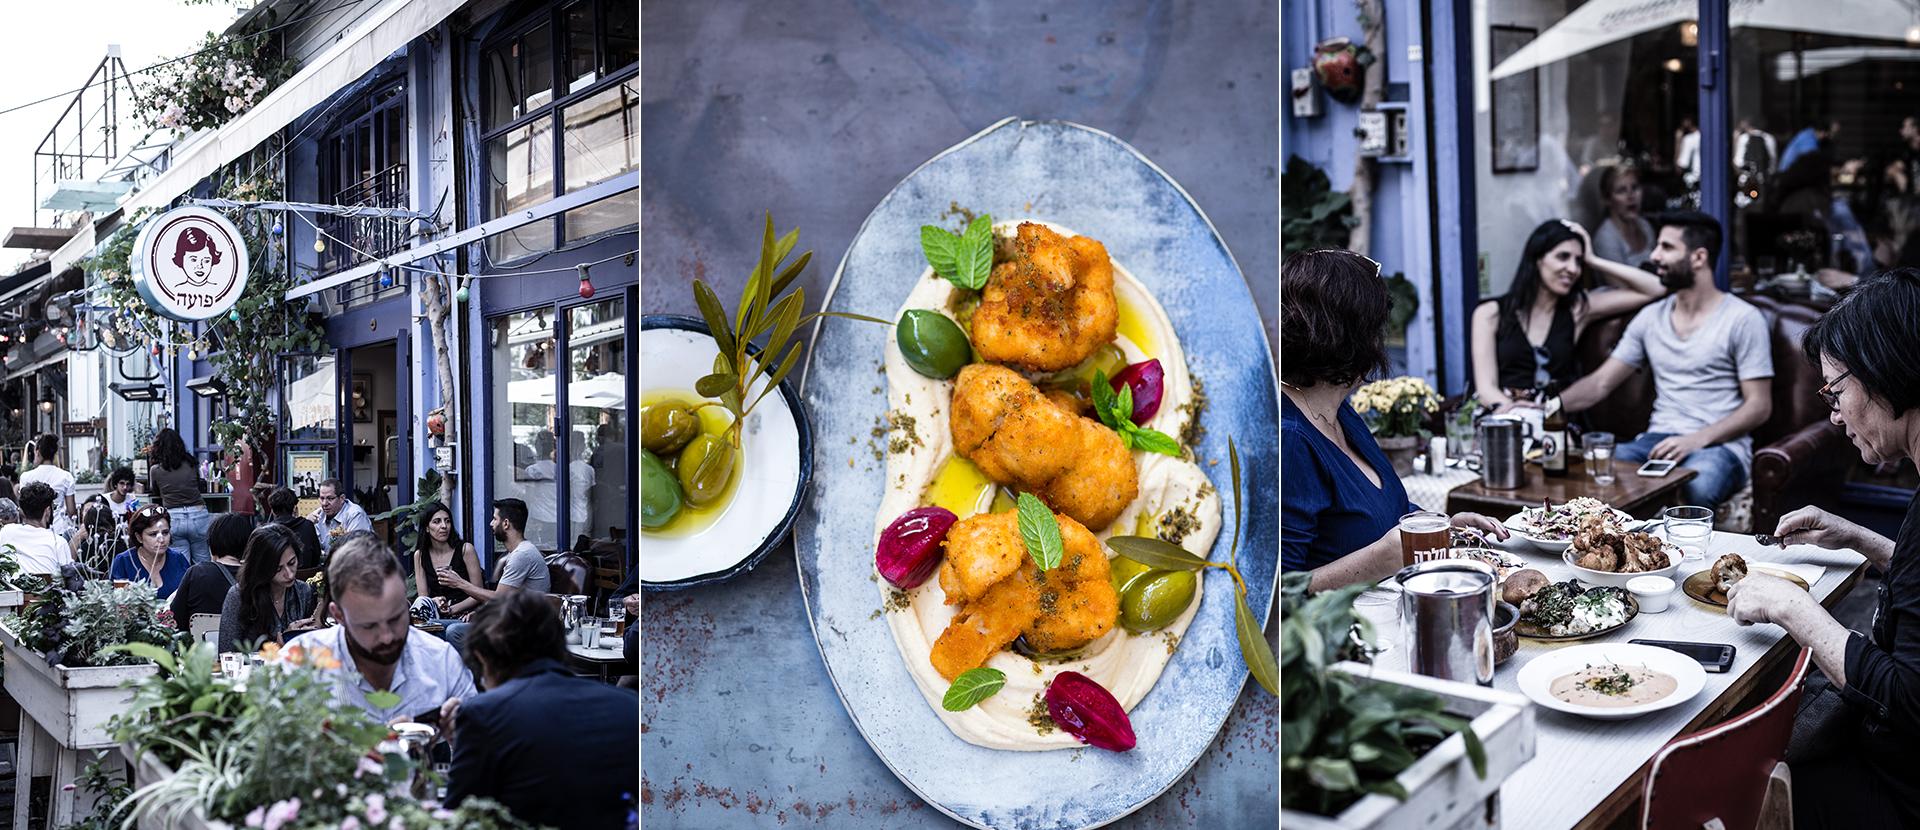 Terrasse mit Personen beim Essen in einem Lokal in TelAviv. Teller mit Hummus, frittierten Blumenkohl, Oliven und Minze